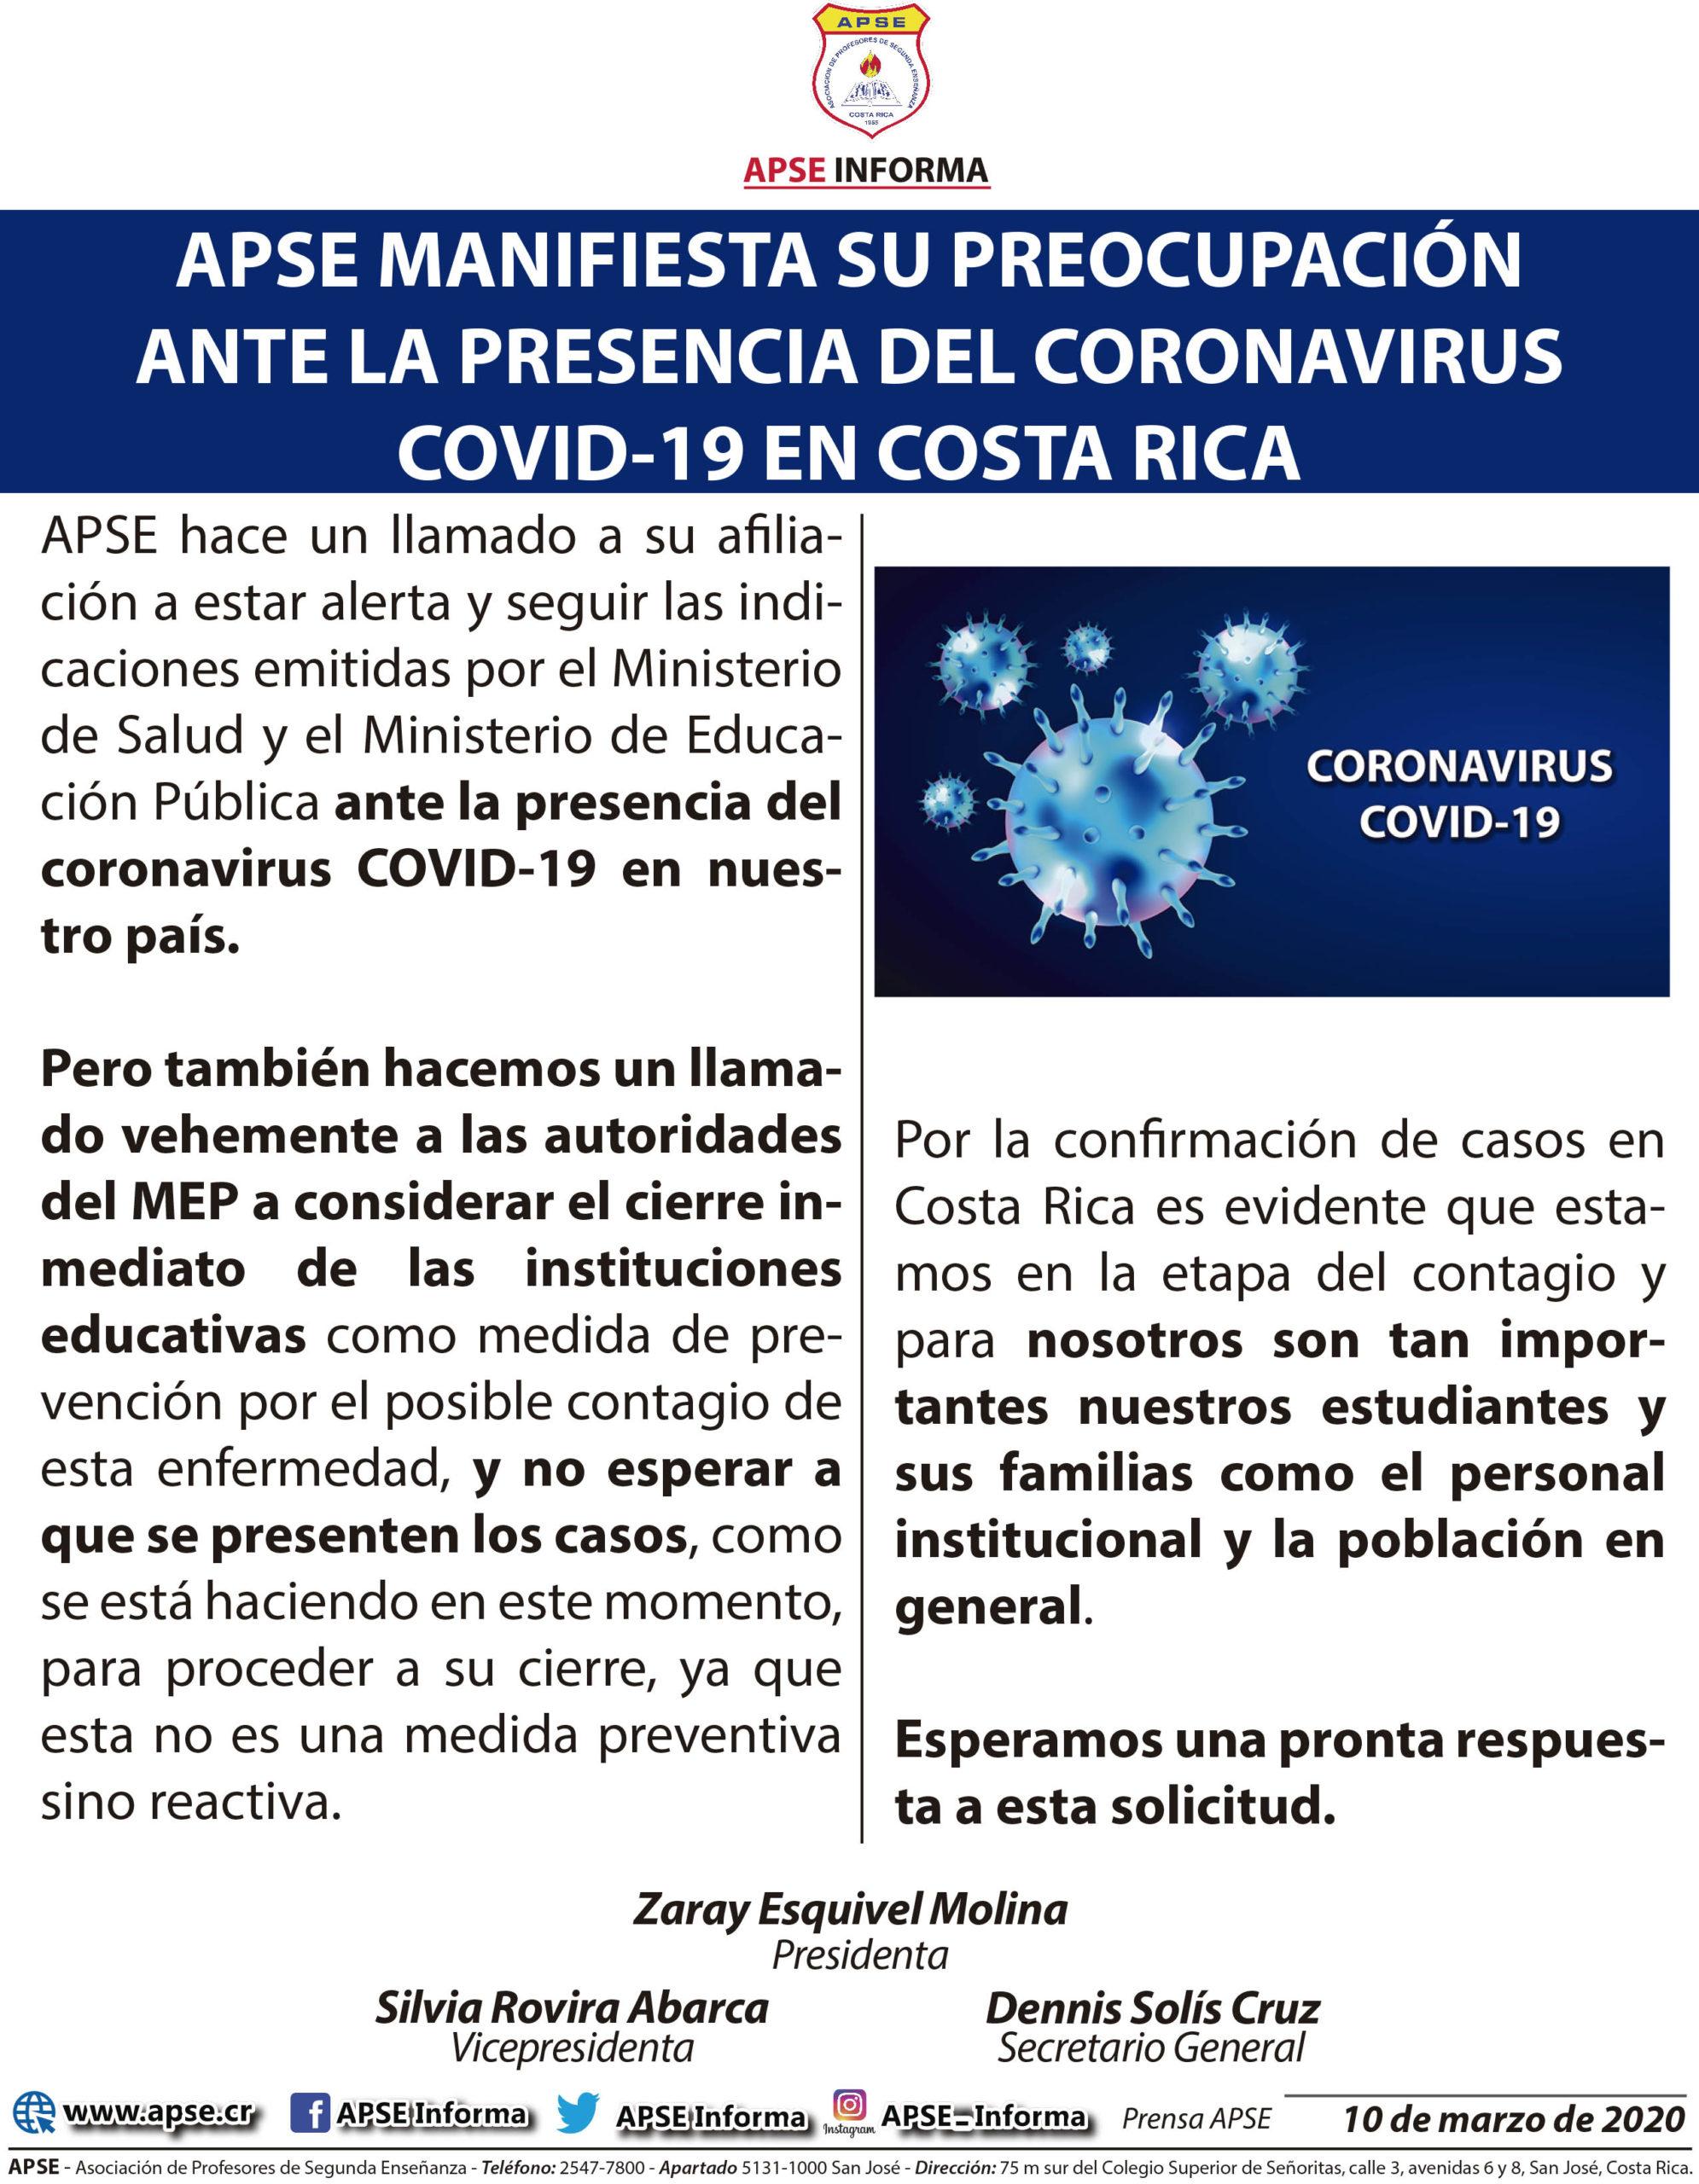 APSE MANIFIESTA SU PREOCUPACIÓN ANTE LA PRESENCIA DEL CORONAVIRUS COVID-19 EN COSTA RICA